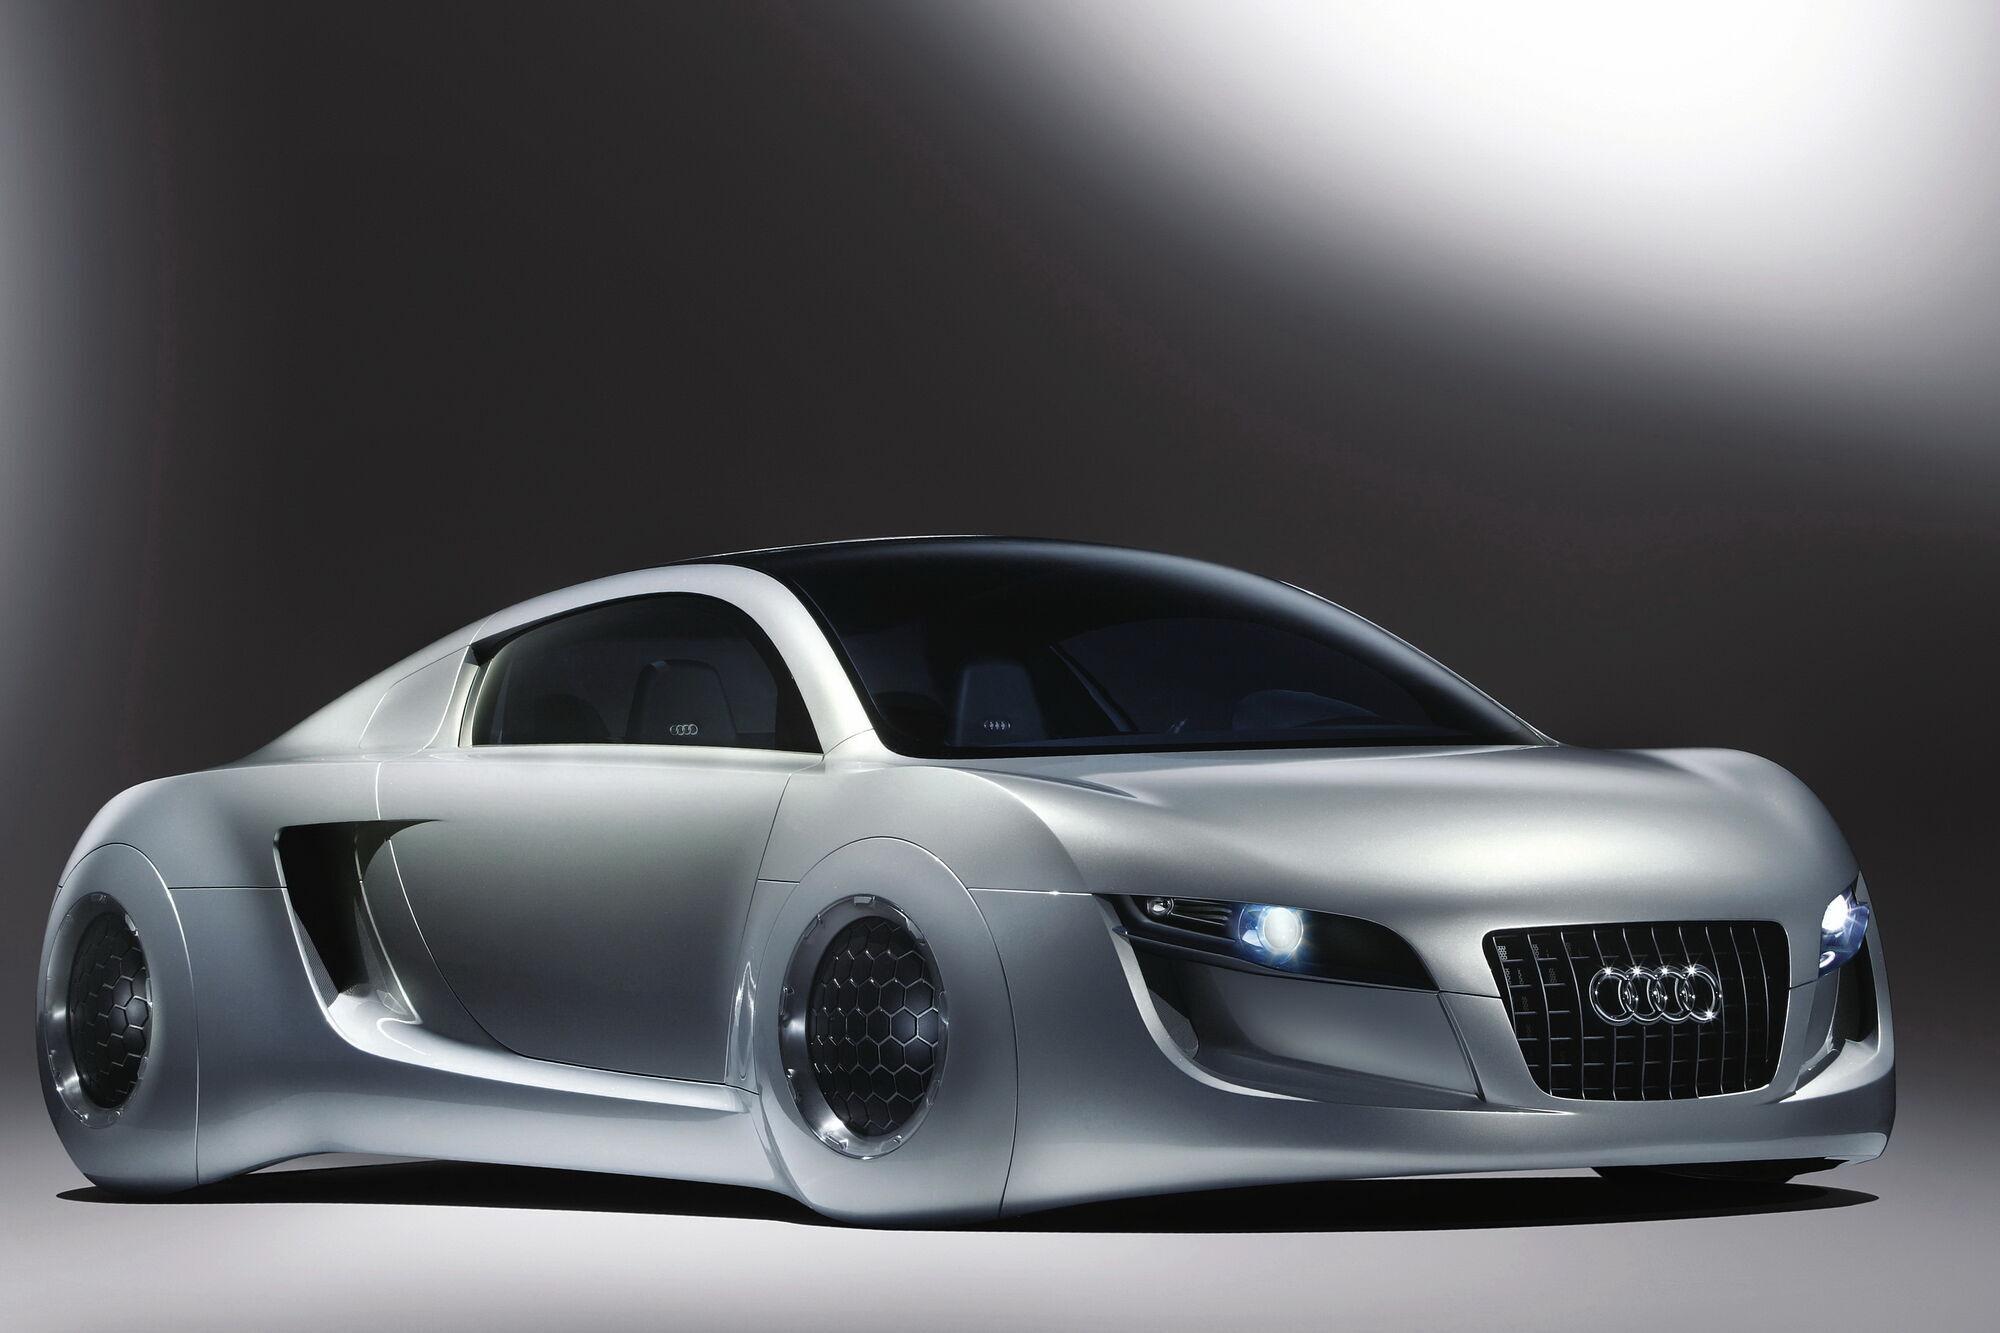 """Audi RSQ Concept 2004 року, створений спеціально для фільму """"Я, робот"""" з Уіллом Смітом у головній ролі"""